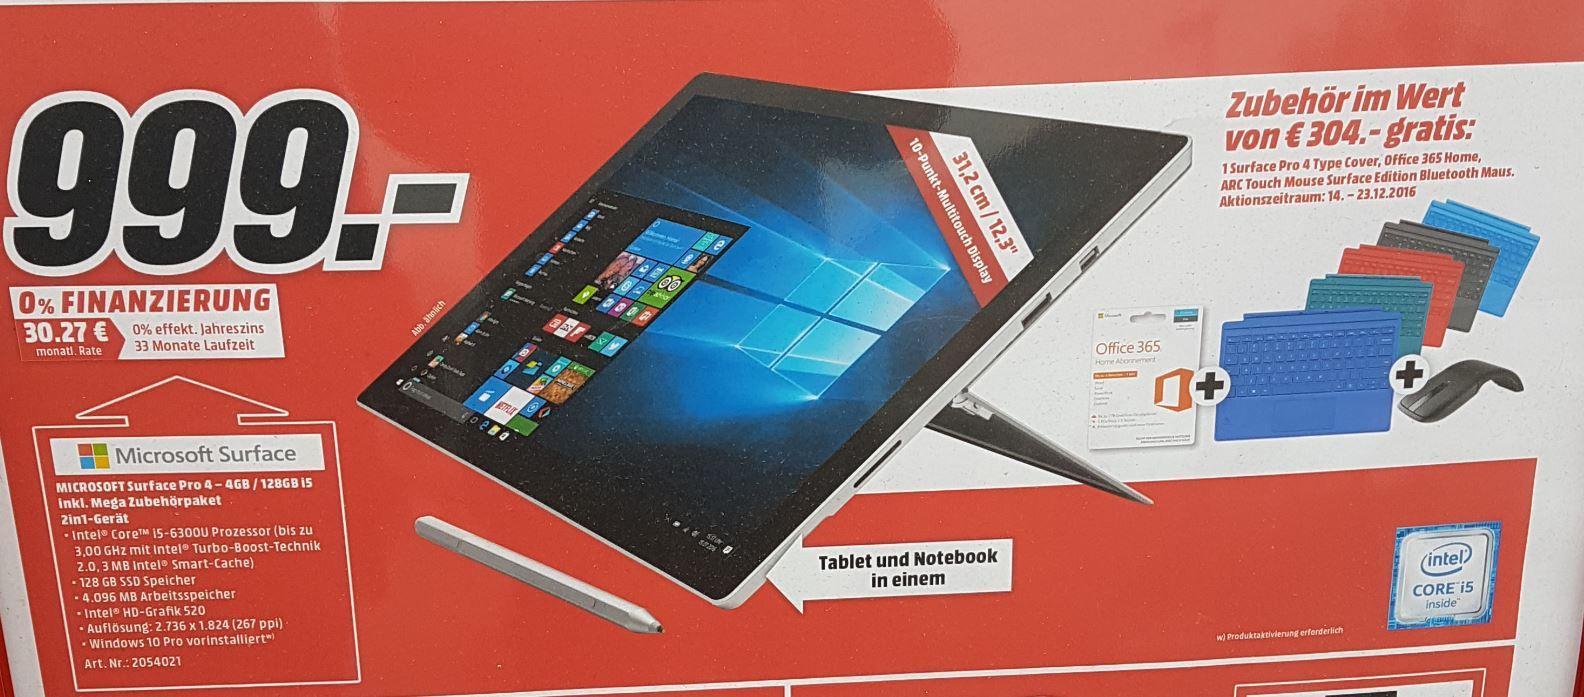 [nur lokal?] Media Markt Ingolstadt: Surface Pro4 4GB / 128GB i5 +300€ Zubehör (Office, Maus, Tastatur)